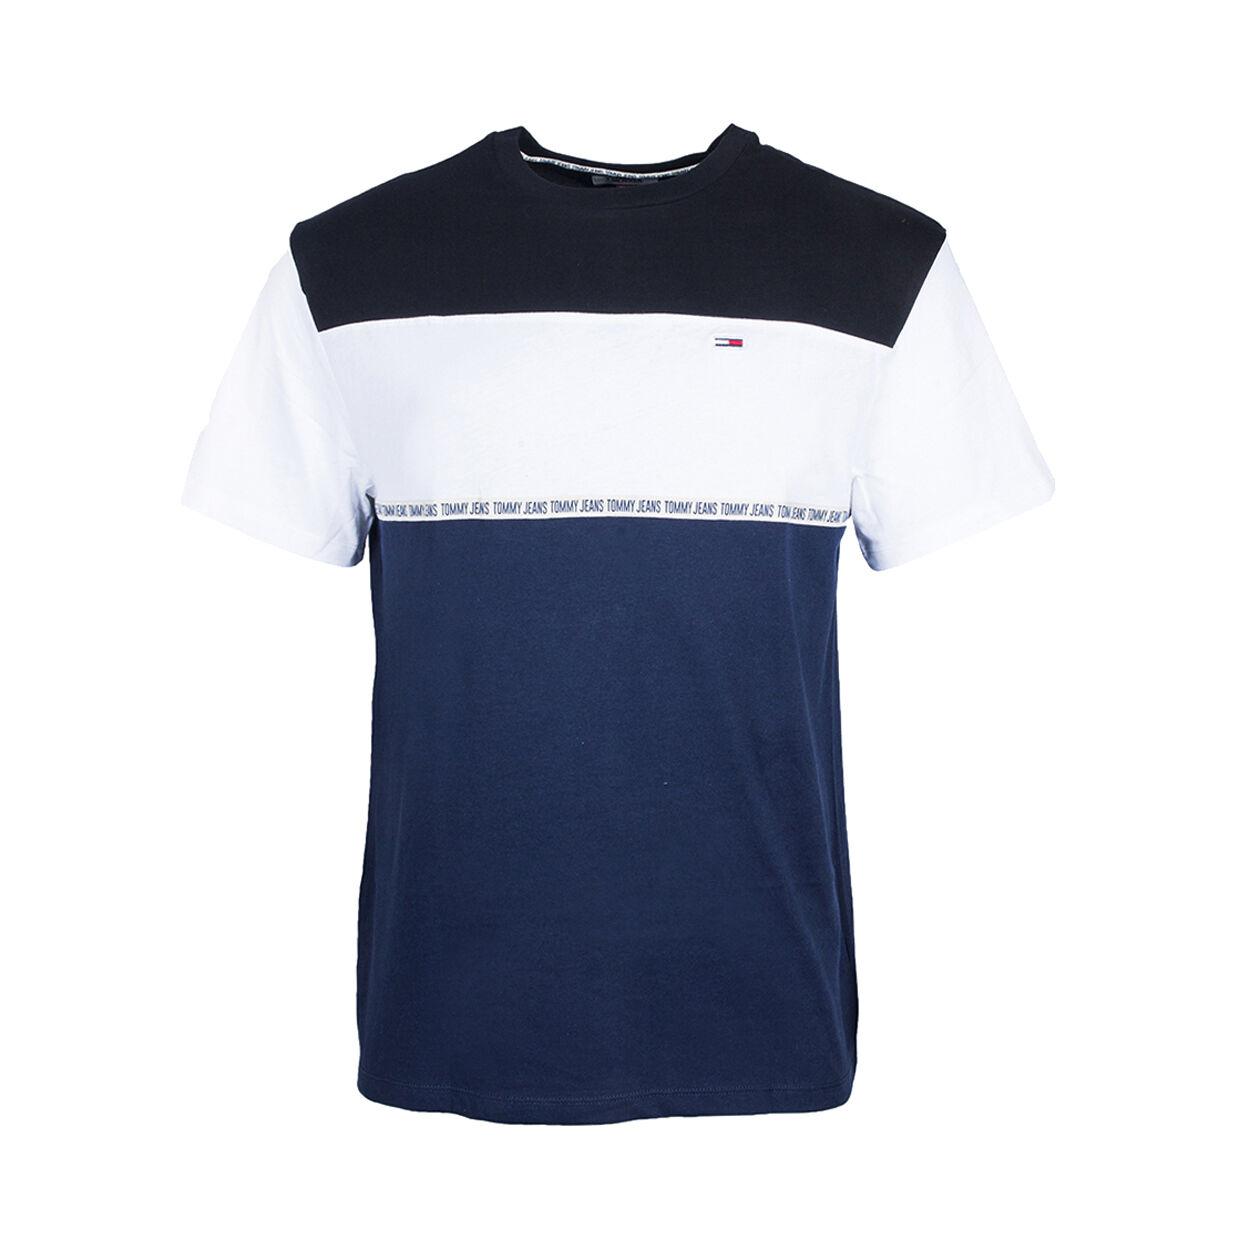 Tommy Jeans Tee-shirt col rond Tommy Jeans Colorblocked Tape en coton bleu marine à épaules noires et bande blanche à la poitrine - BLEU - XL